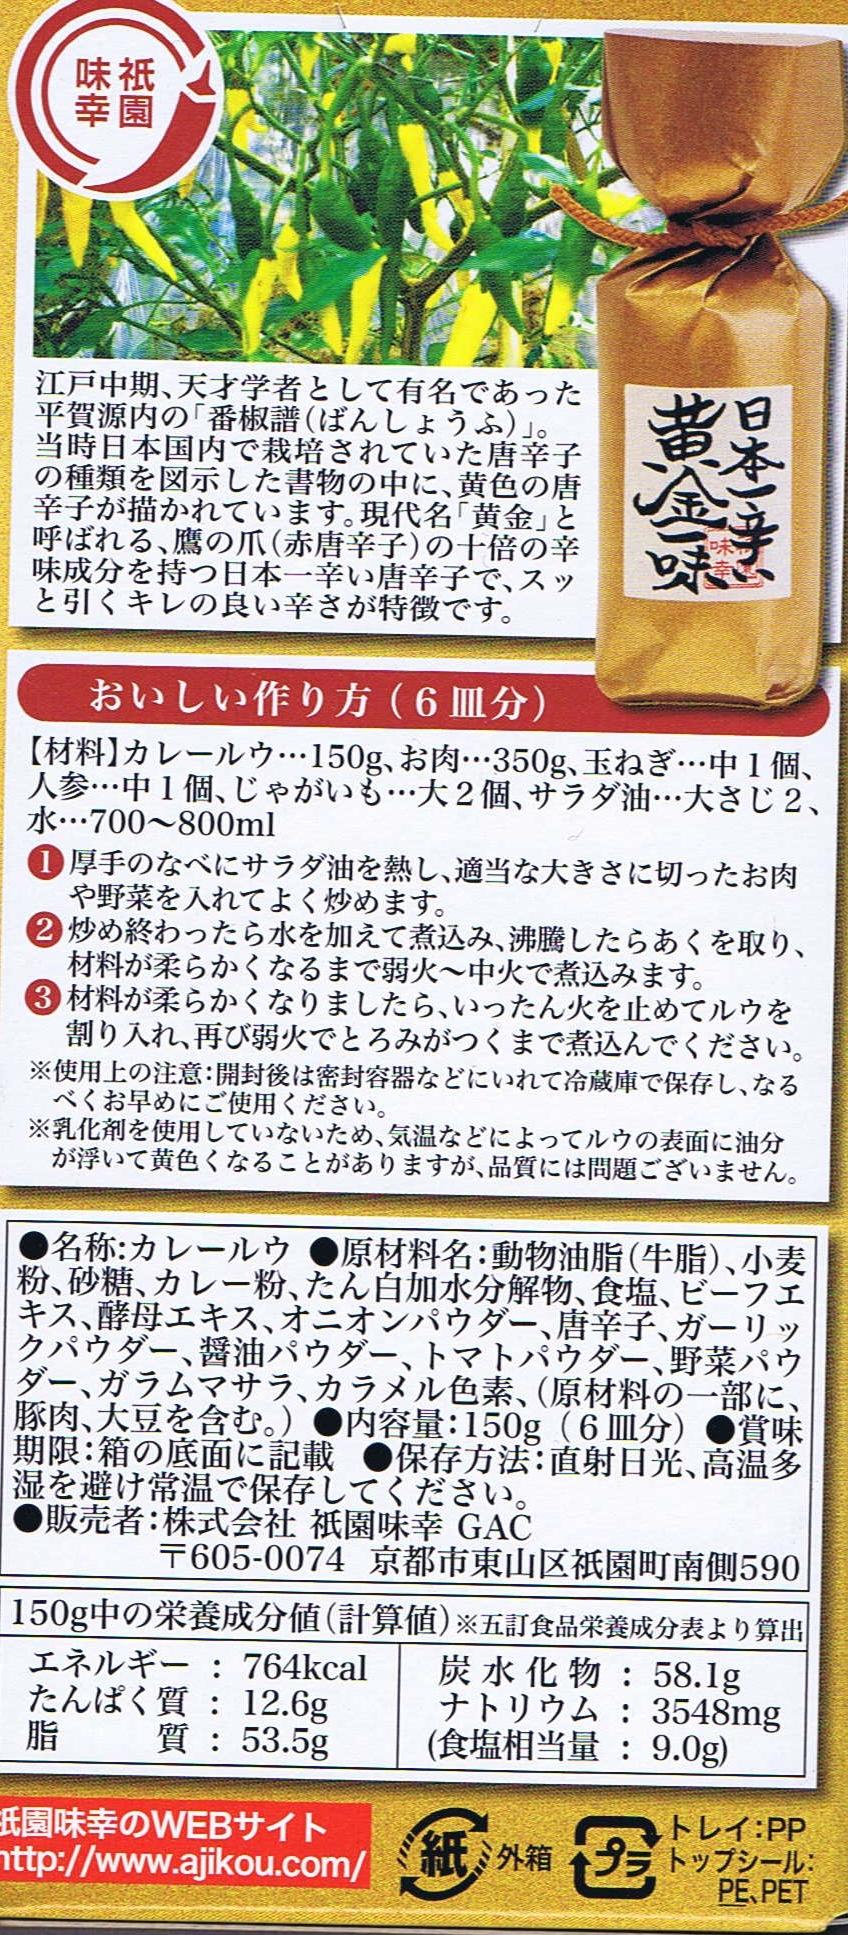 日本一辛い黄金一味仕込みのカレールウ 京都ご当地カレー <激辛カレールウ>